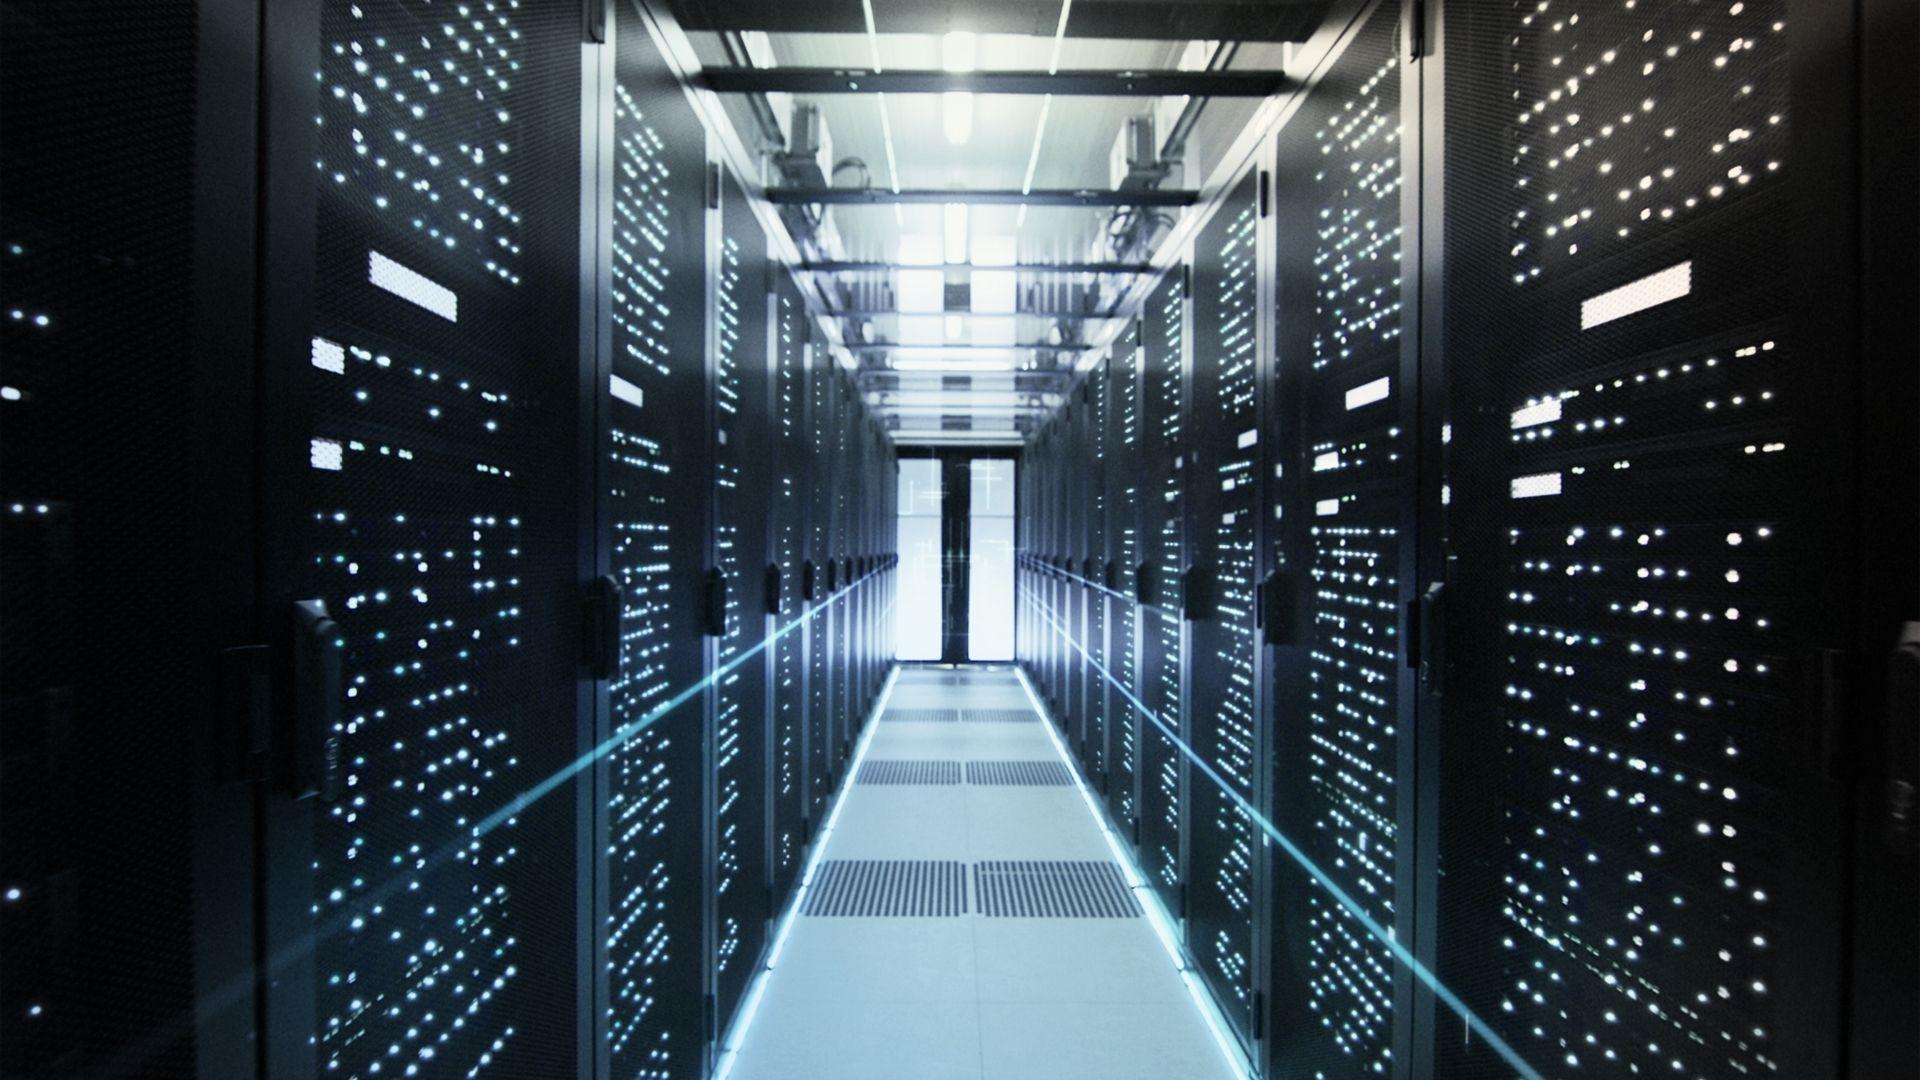 KI von VIER toppt Google und IBM